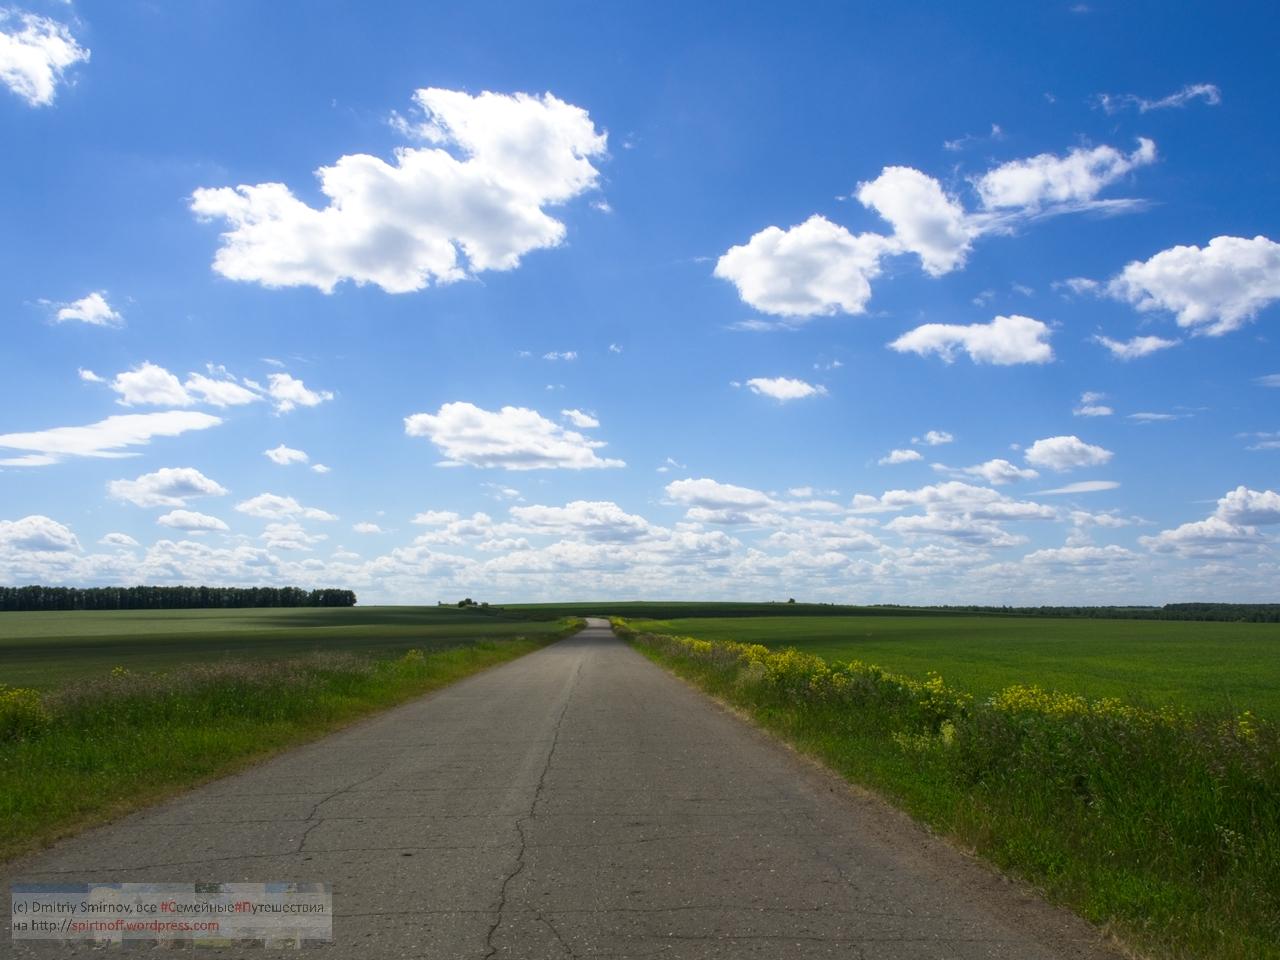 016-smi17285-blog-41 Путешествия  Яндовка. Процесс идет